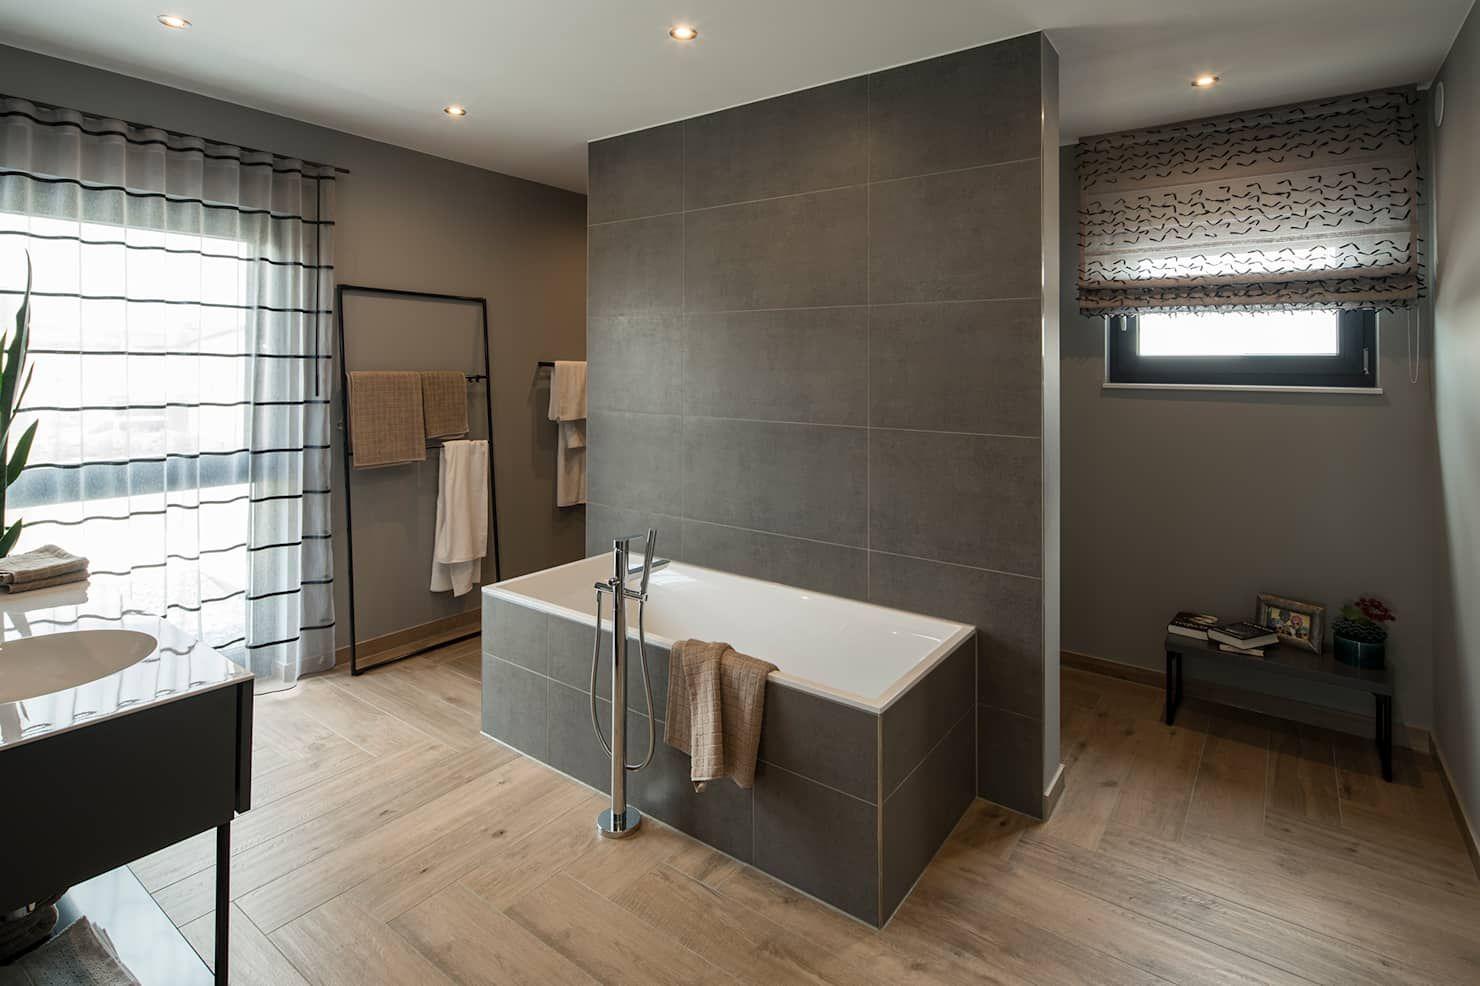 Maxim gemütliches badezimmer mit holzboden moderne